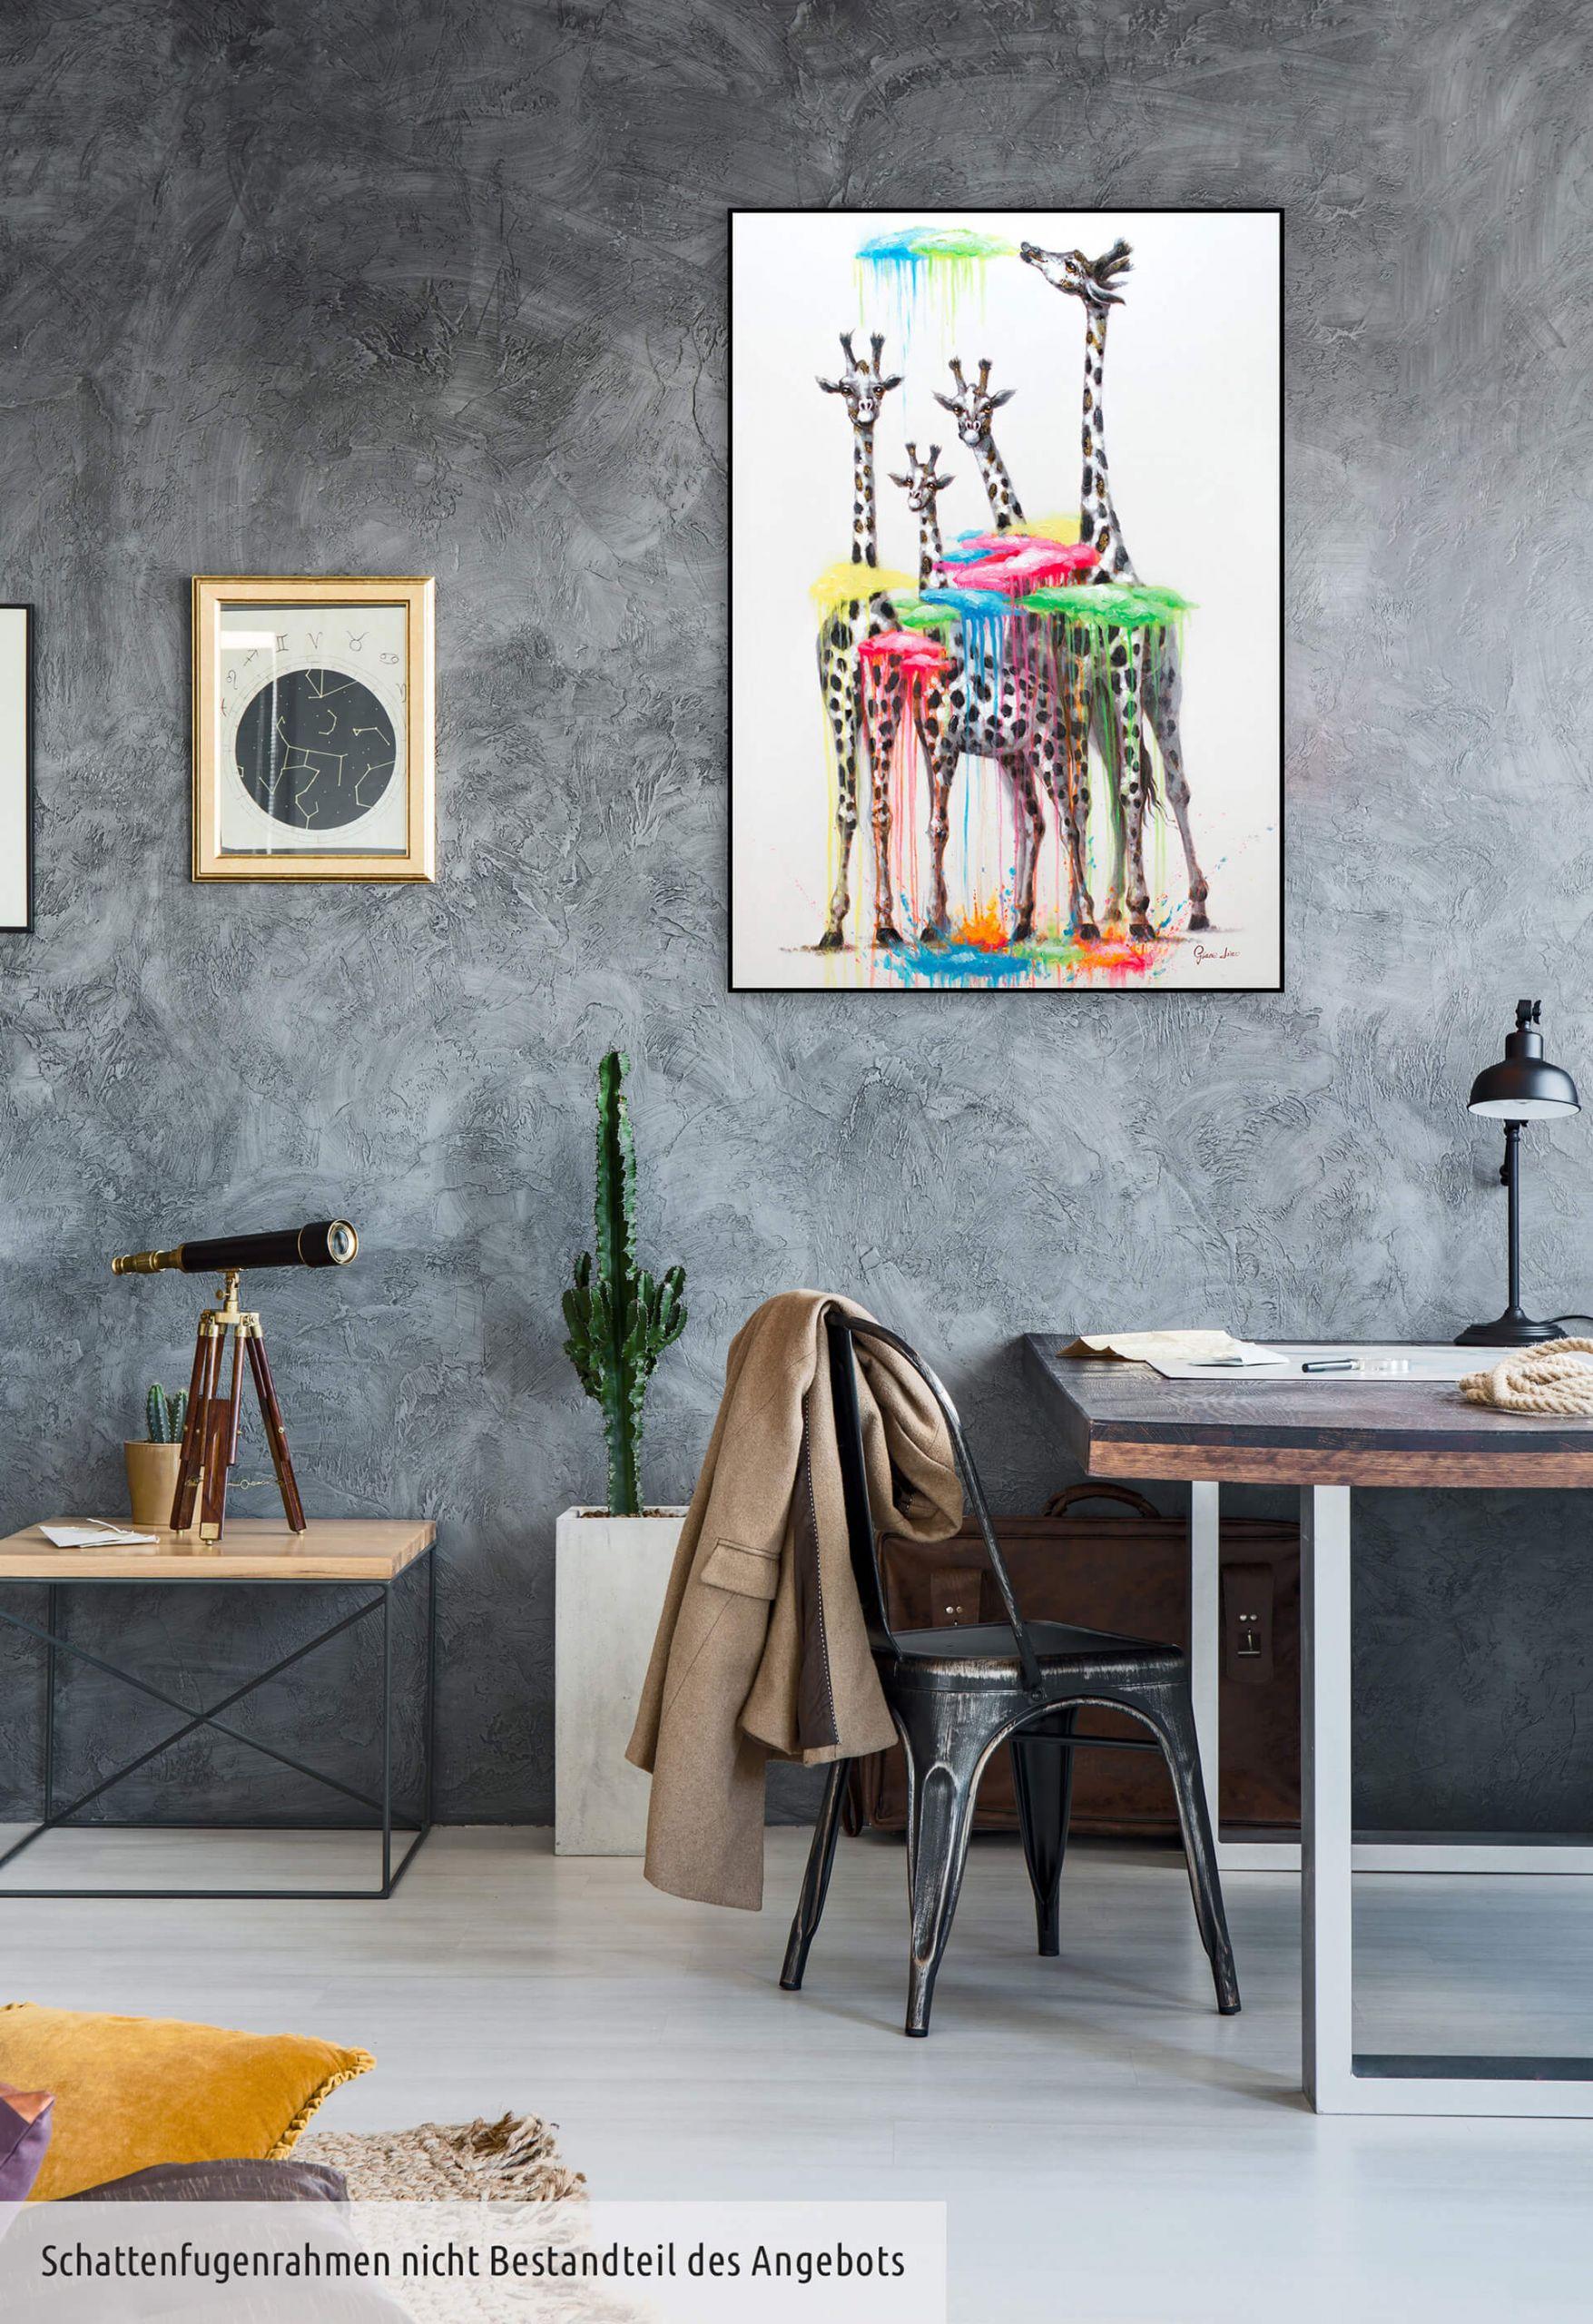 kl girafffen wolken tiere natur modern modern acryl gemaelde oel bild 07